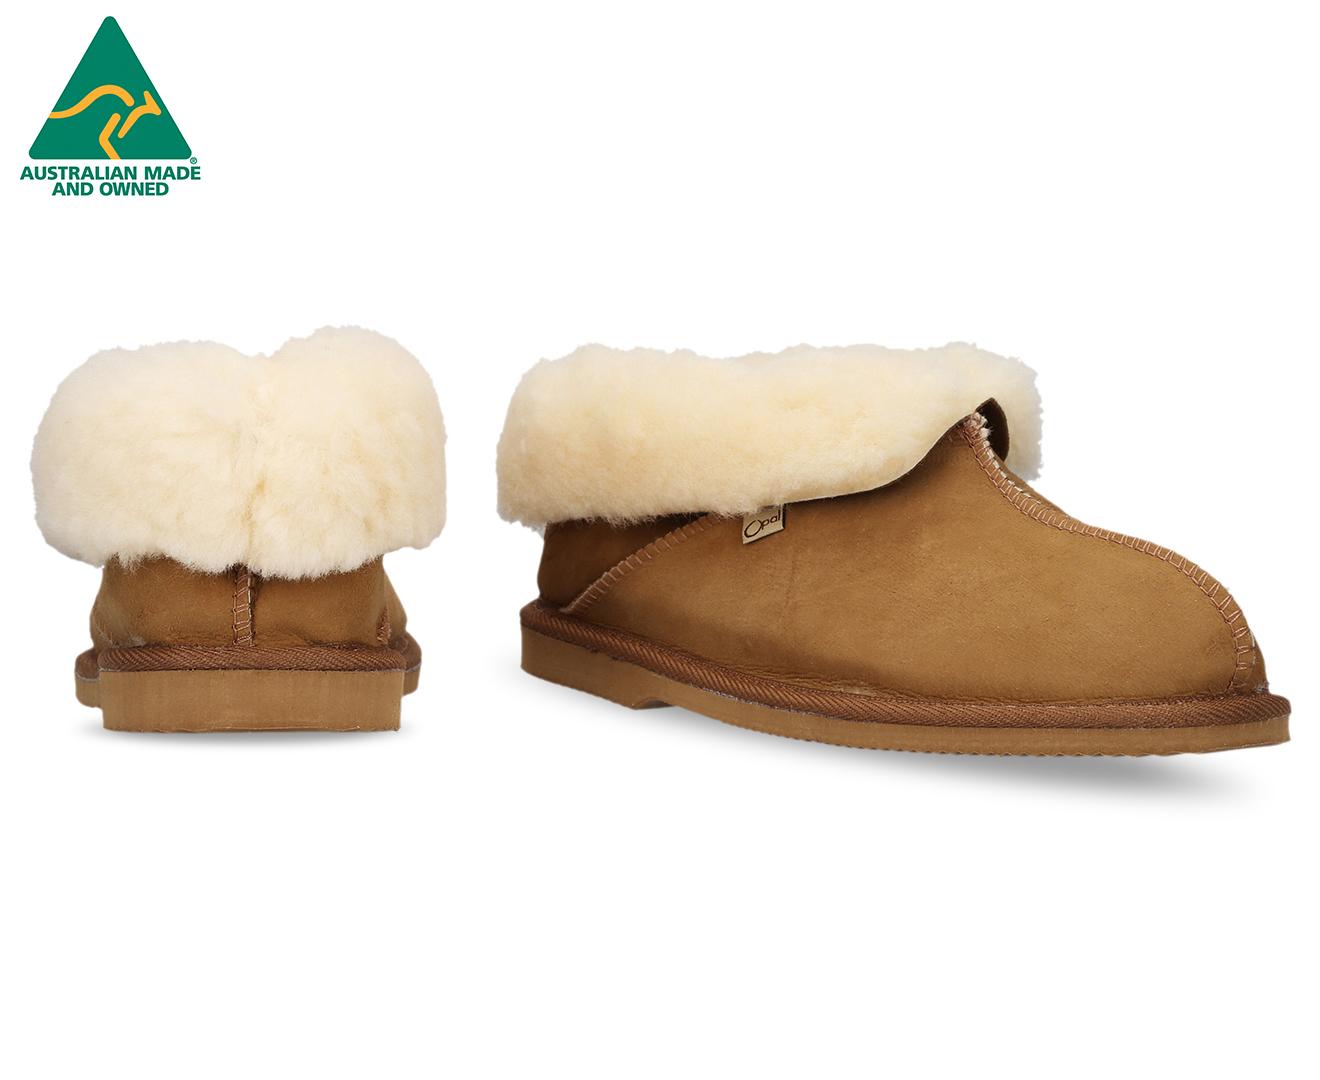 94e98d7ebf7 Details about Opal UGG Australian Made Sheepskin Boots - Chestnut